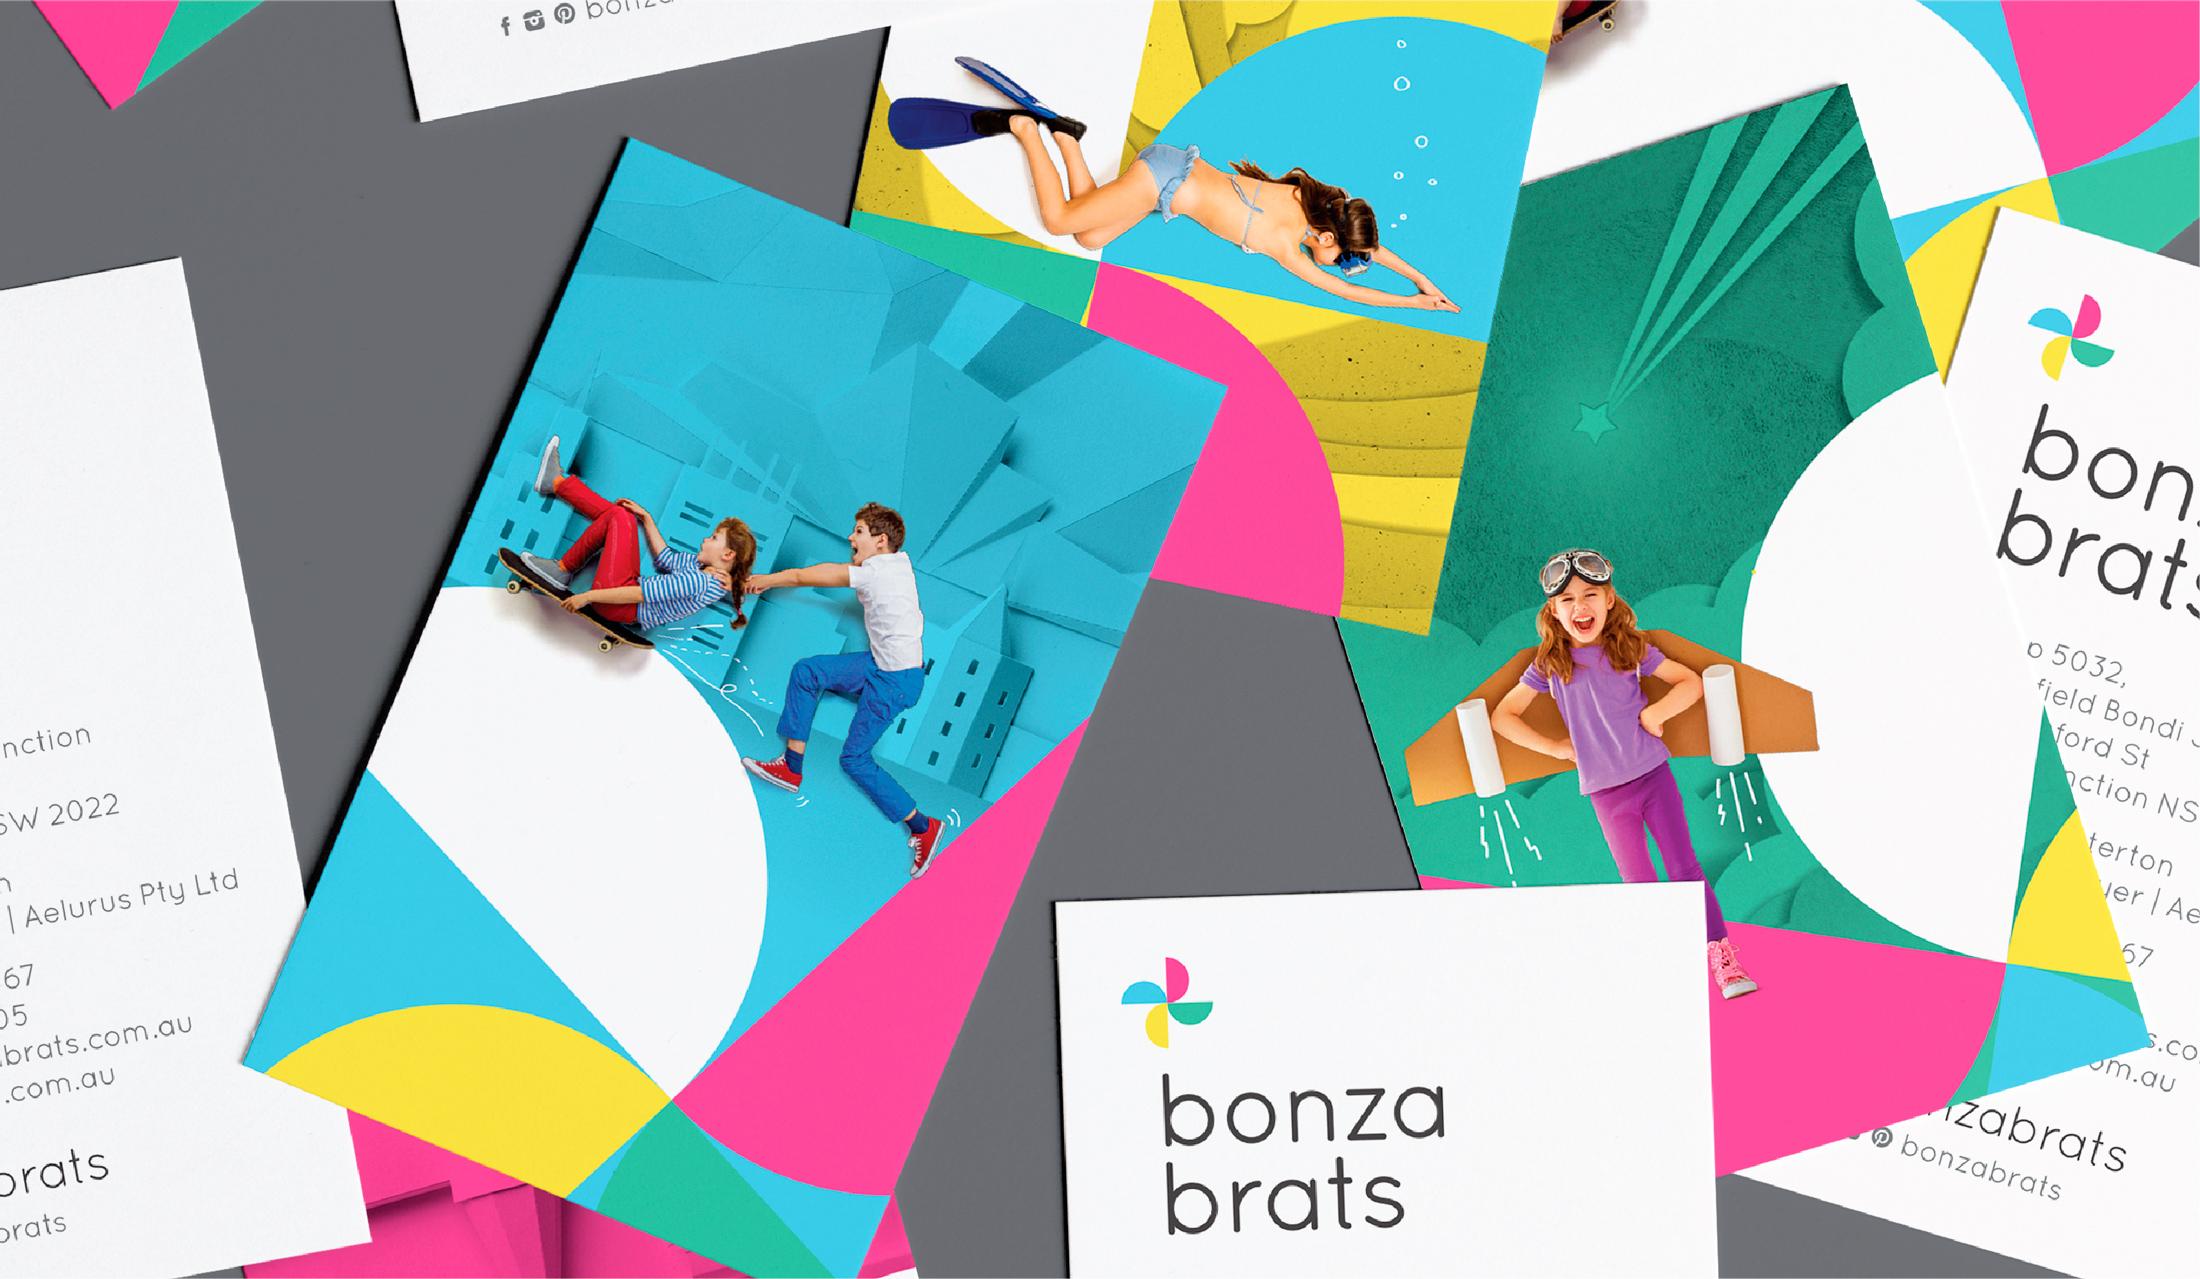 bonza-brats-bondi-retail-shop-brand-design-9